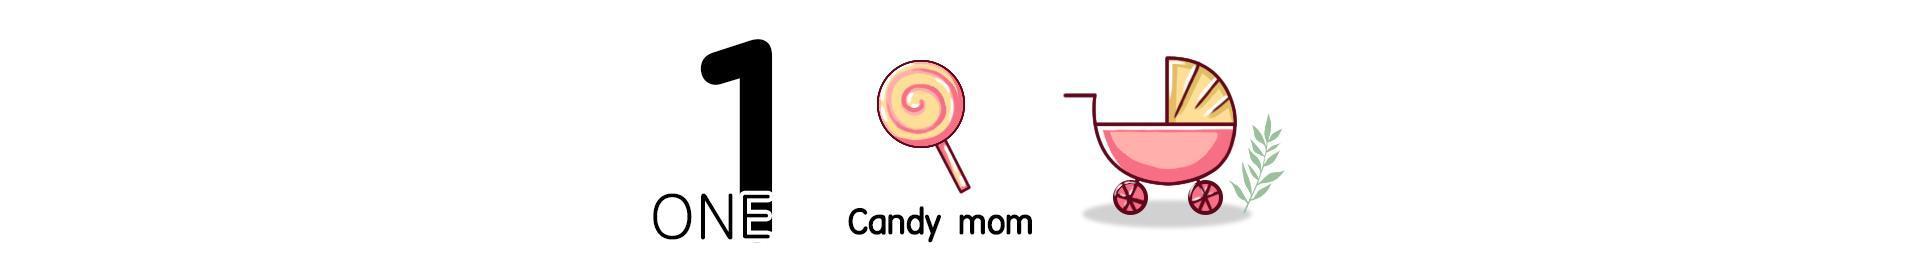 """""""妈妈的肚子黑洞洞的"""",宝宝真的有宫内记忆吗?孕妈胎教学起来"""